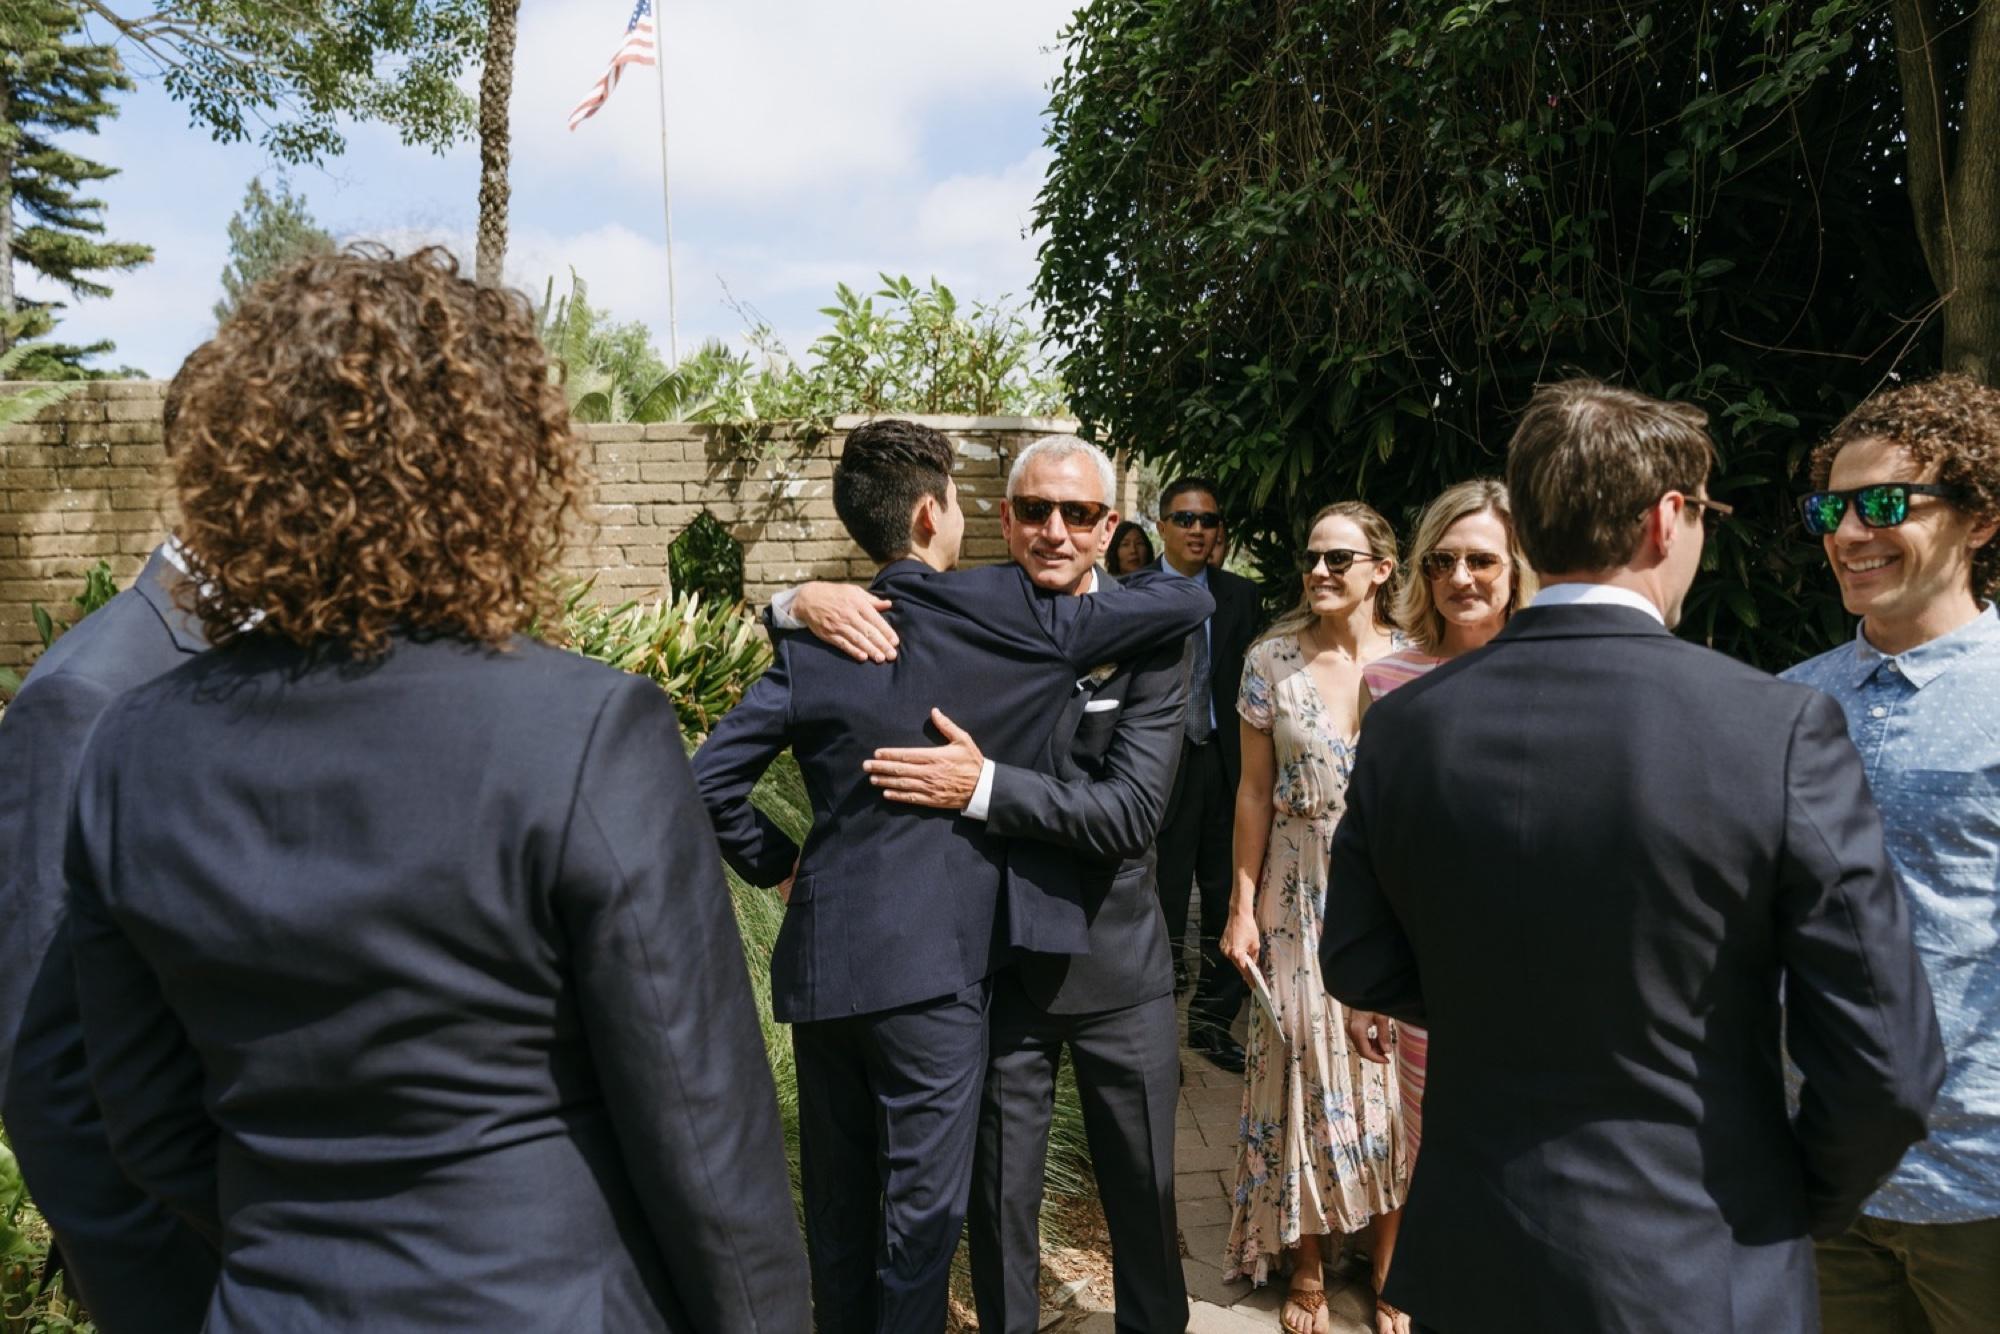 015_Shawna and Steve's Wedding-93.jpg